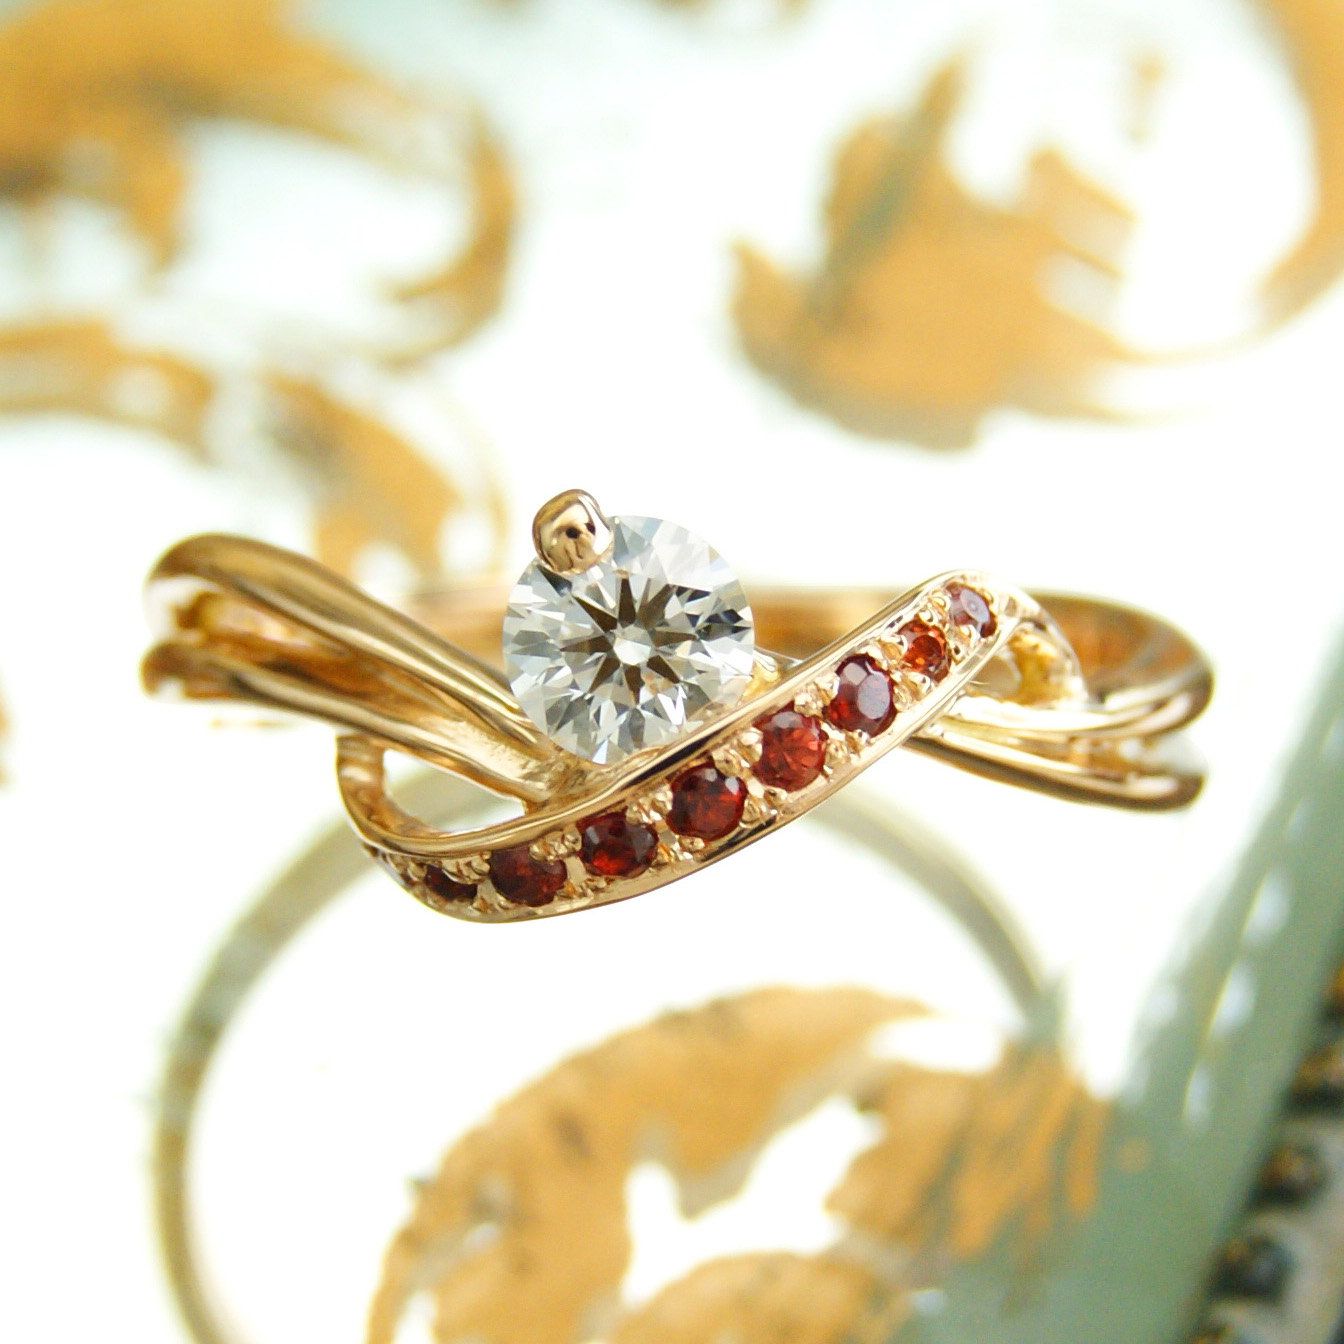 世界に一つだけの結婚指輪 kazariyaYui 福島県郡山市 ガーネット 婚約指輪